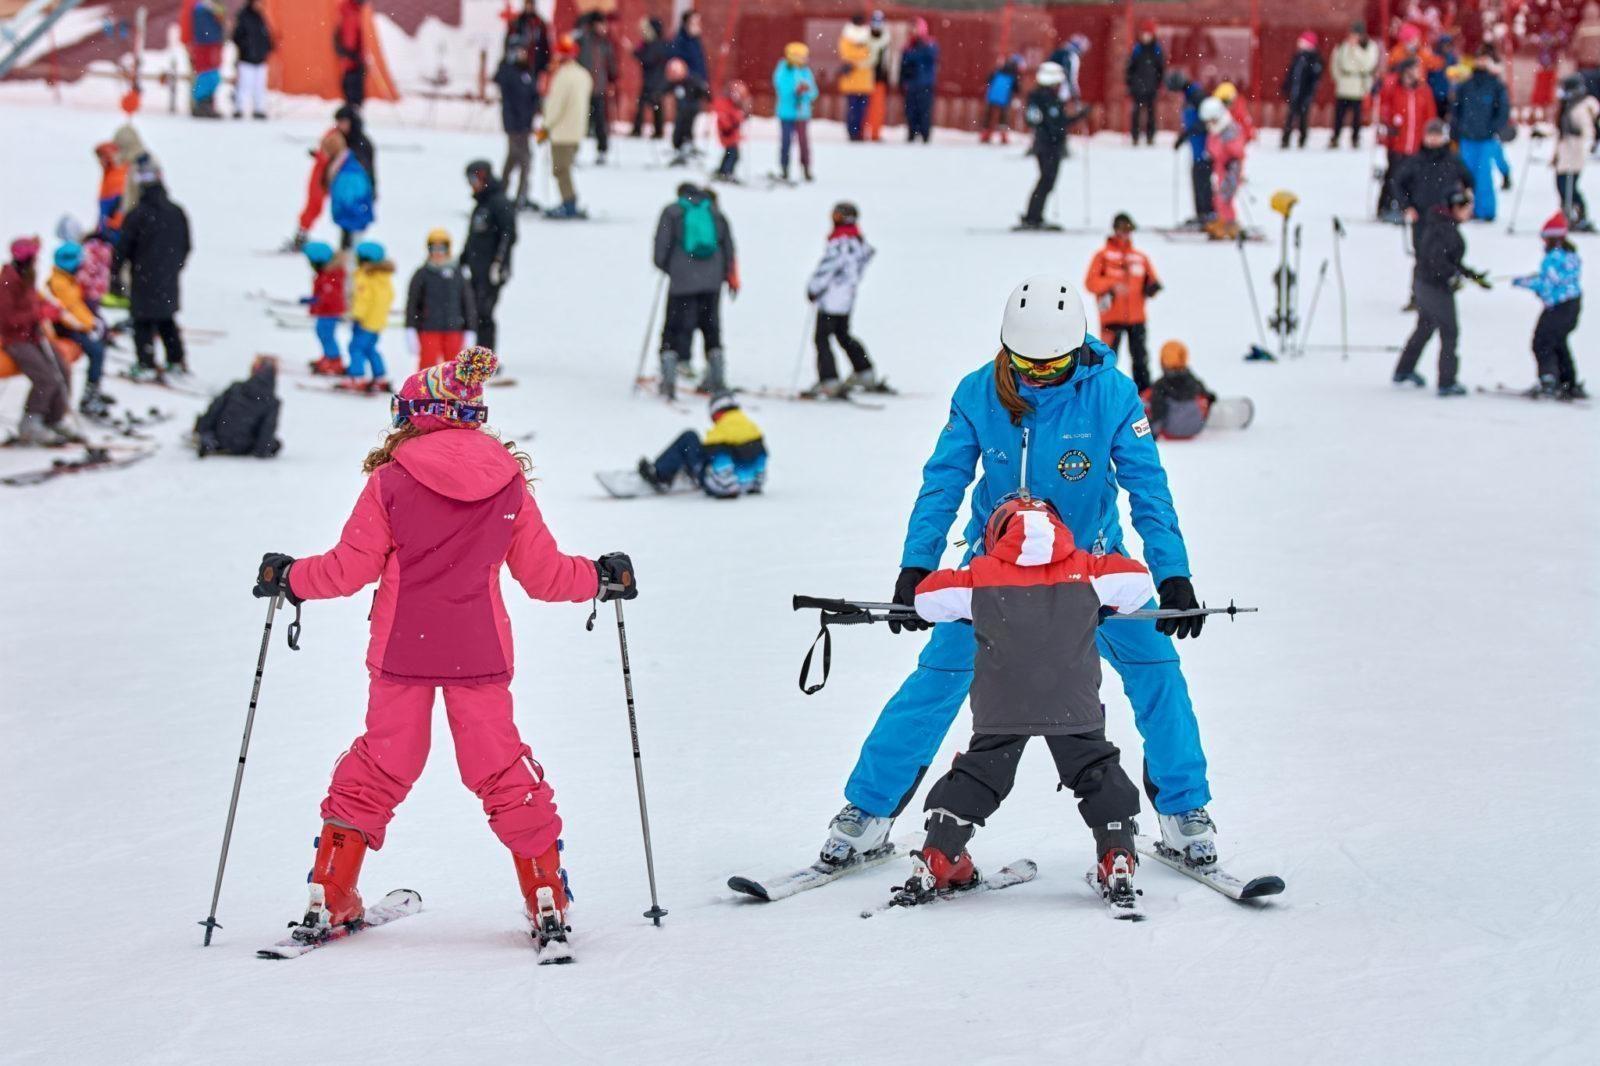 Curset esquí 5 dissabtes a Port del Comte